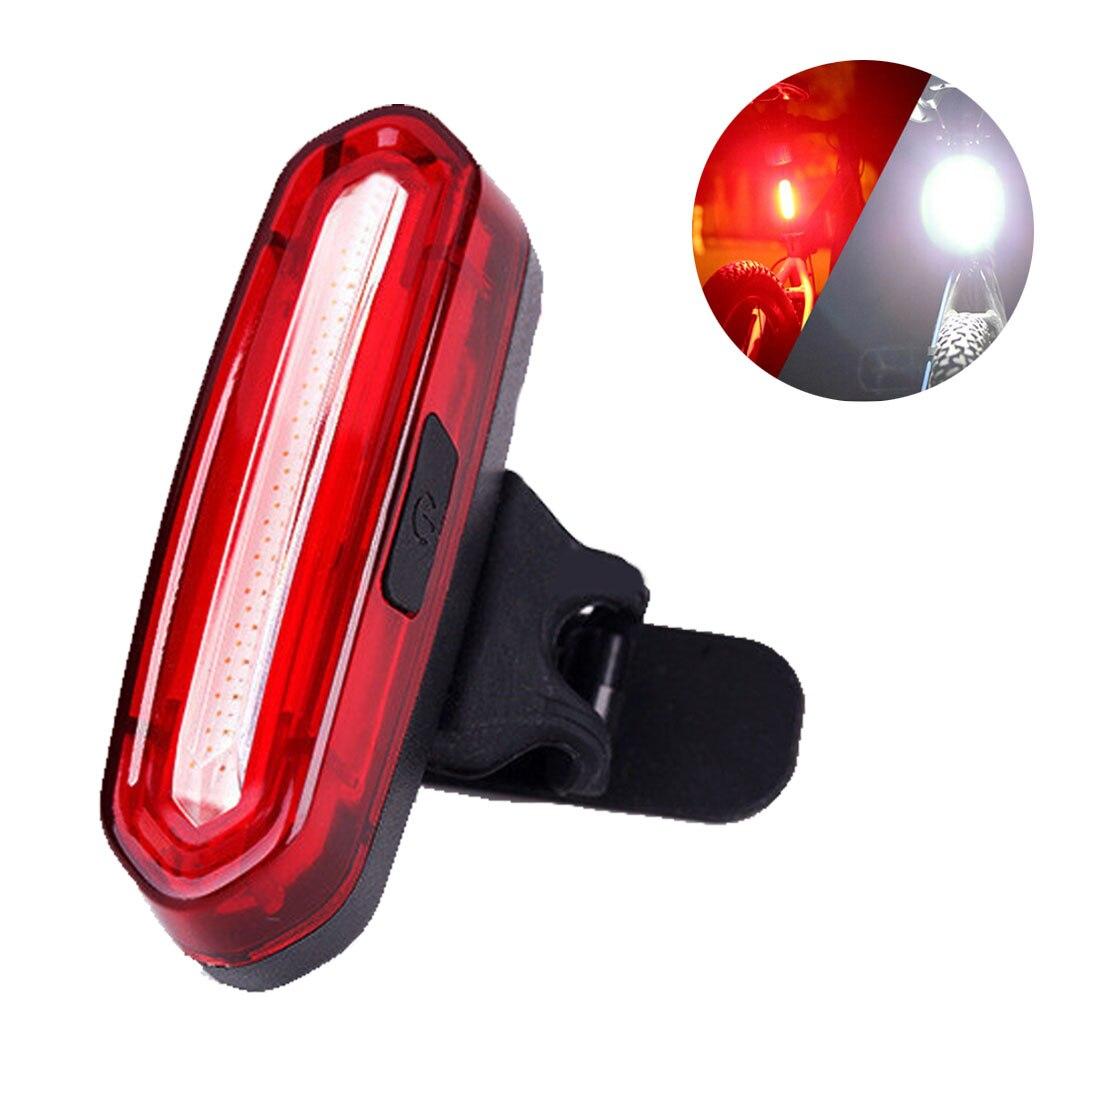 USB recargable luces bicicleta de montaña luz de advertencia LED Super brillante cambio bicicleta ciclismo USB carga luz trasera